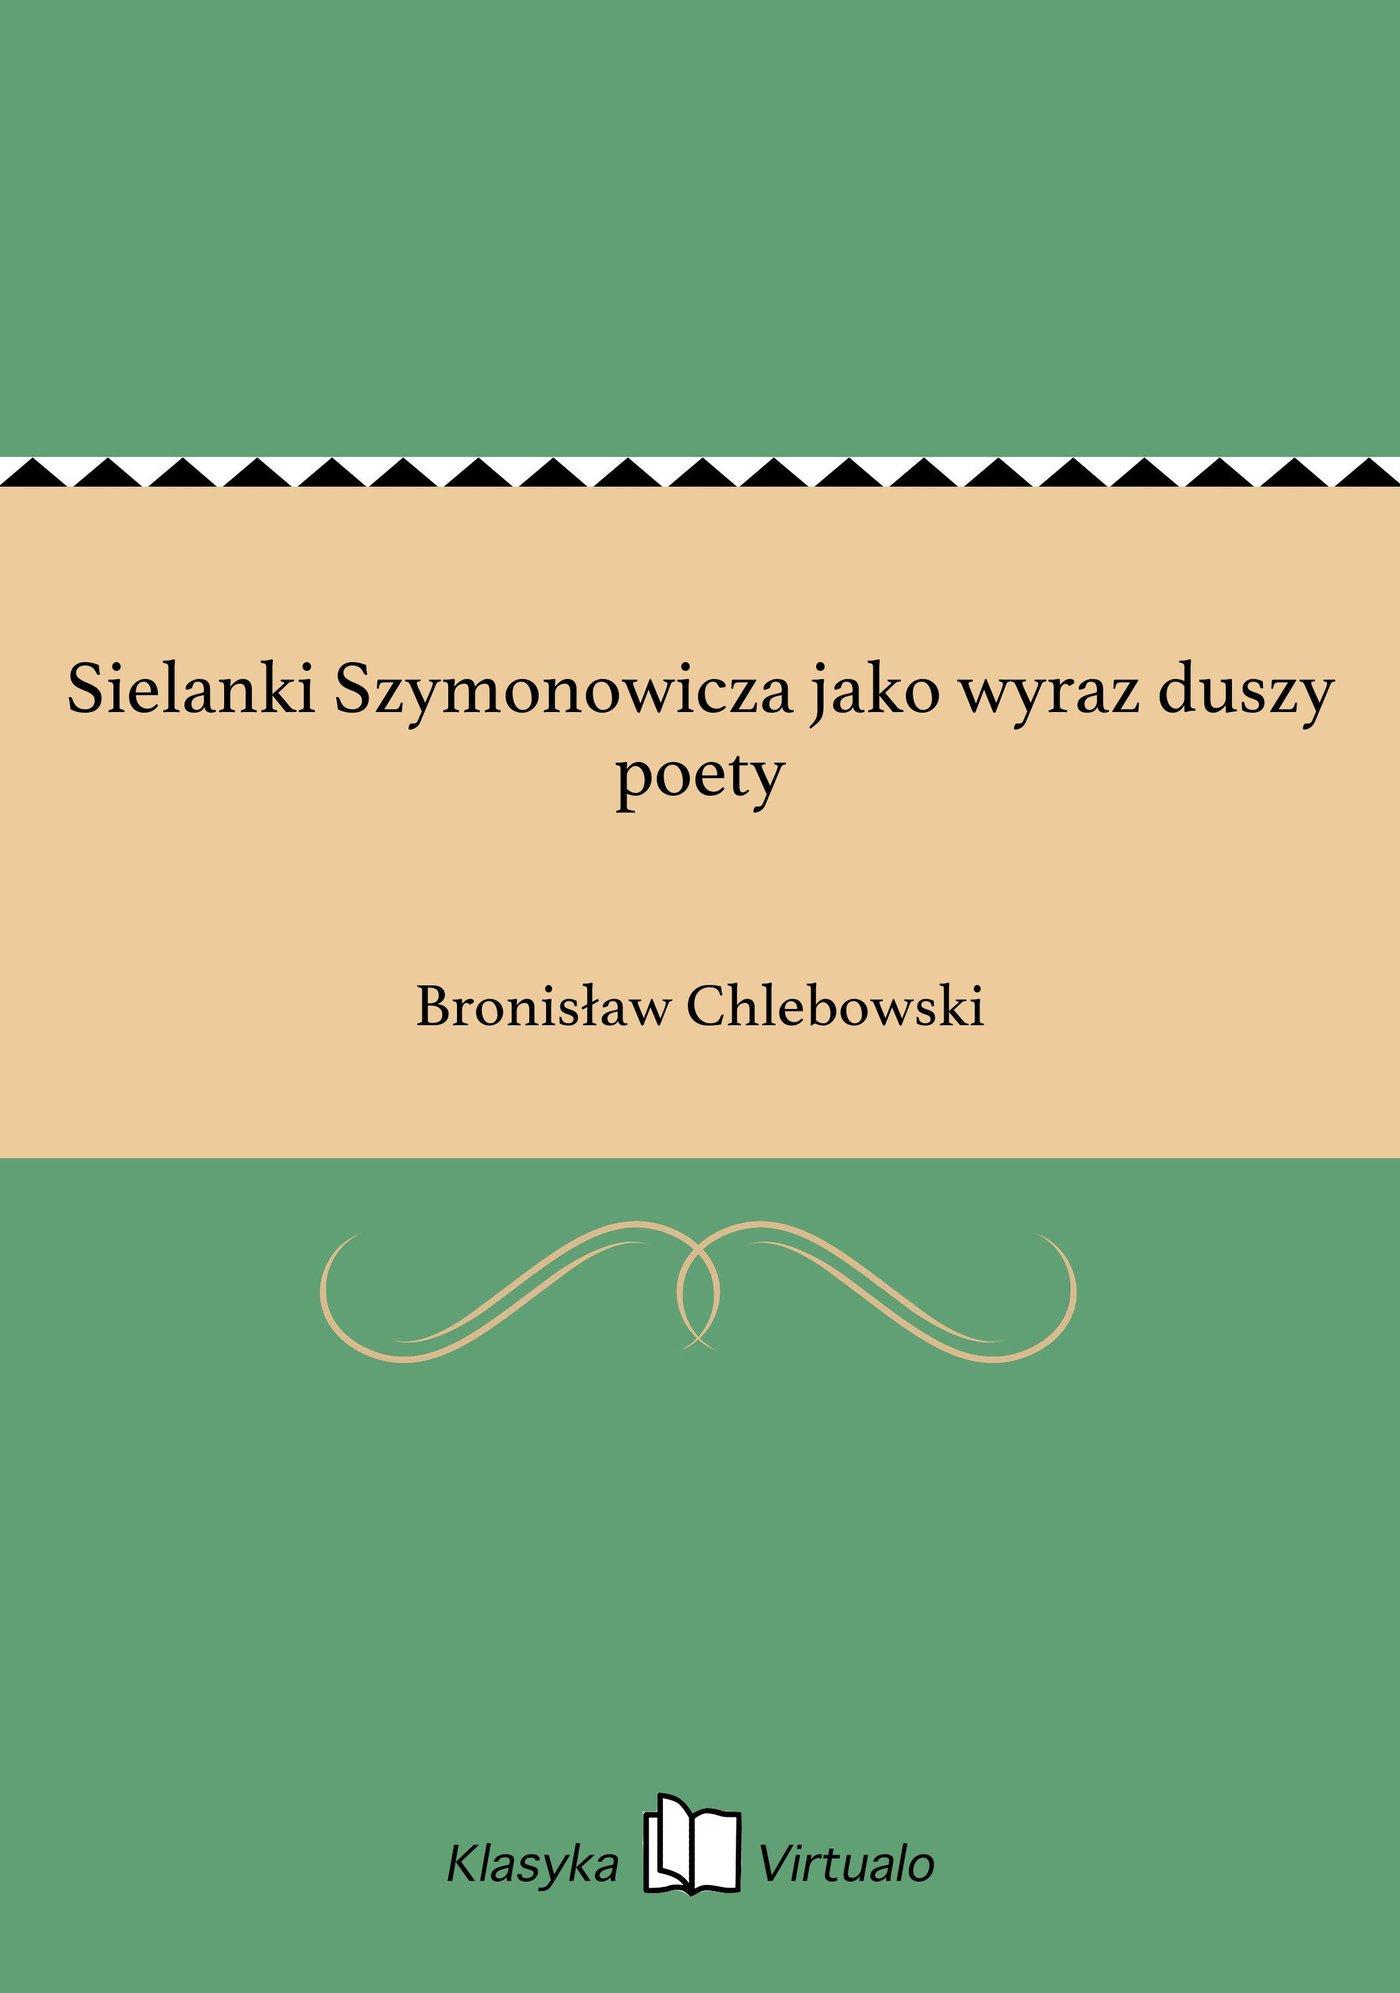 Sielanki Szymonowicza jako wyraz duszy poety - Ebook (Książka na Kindle) do pobrania w formacie MOBI